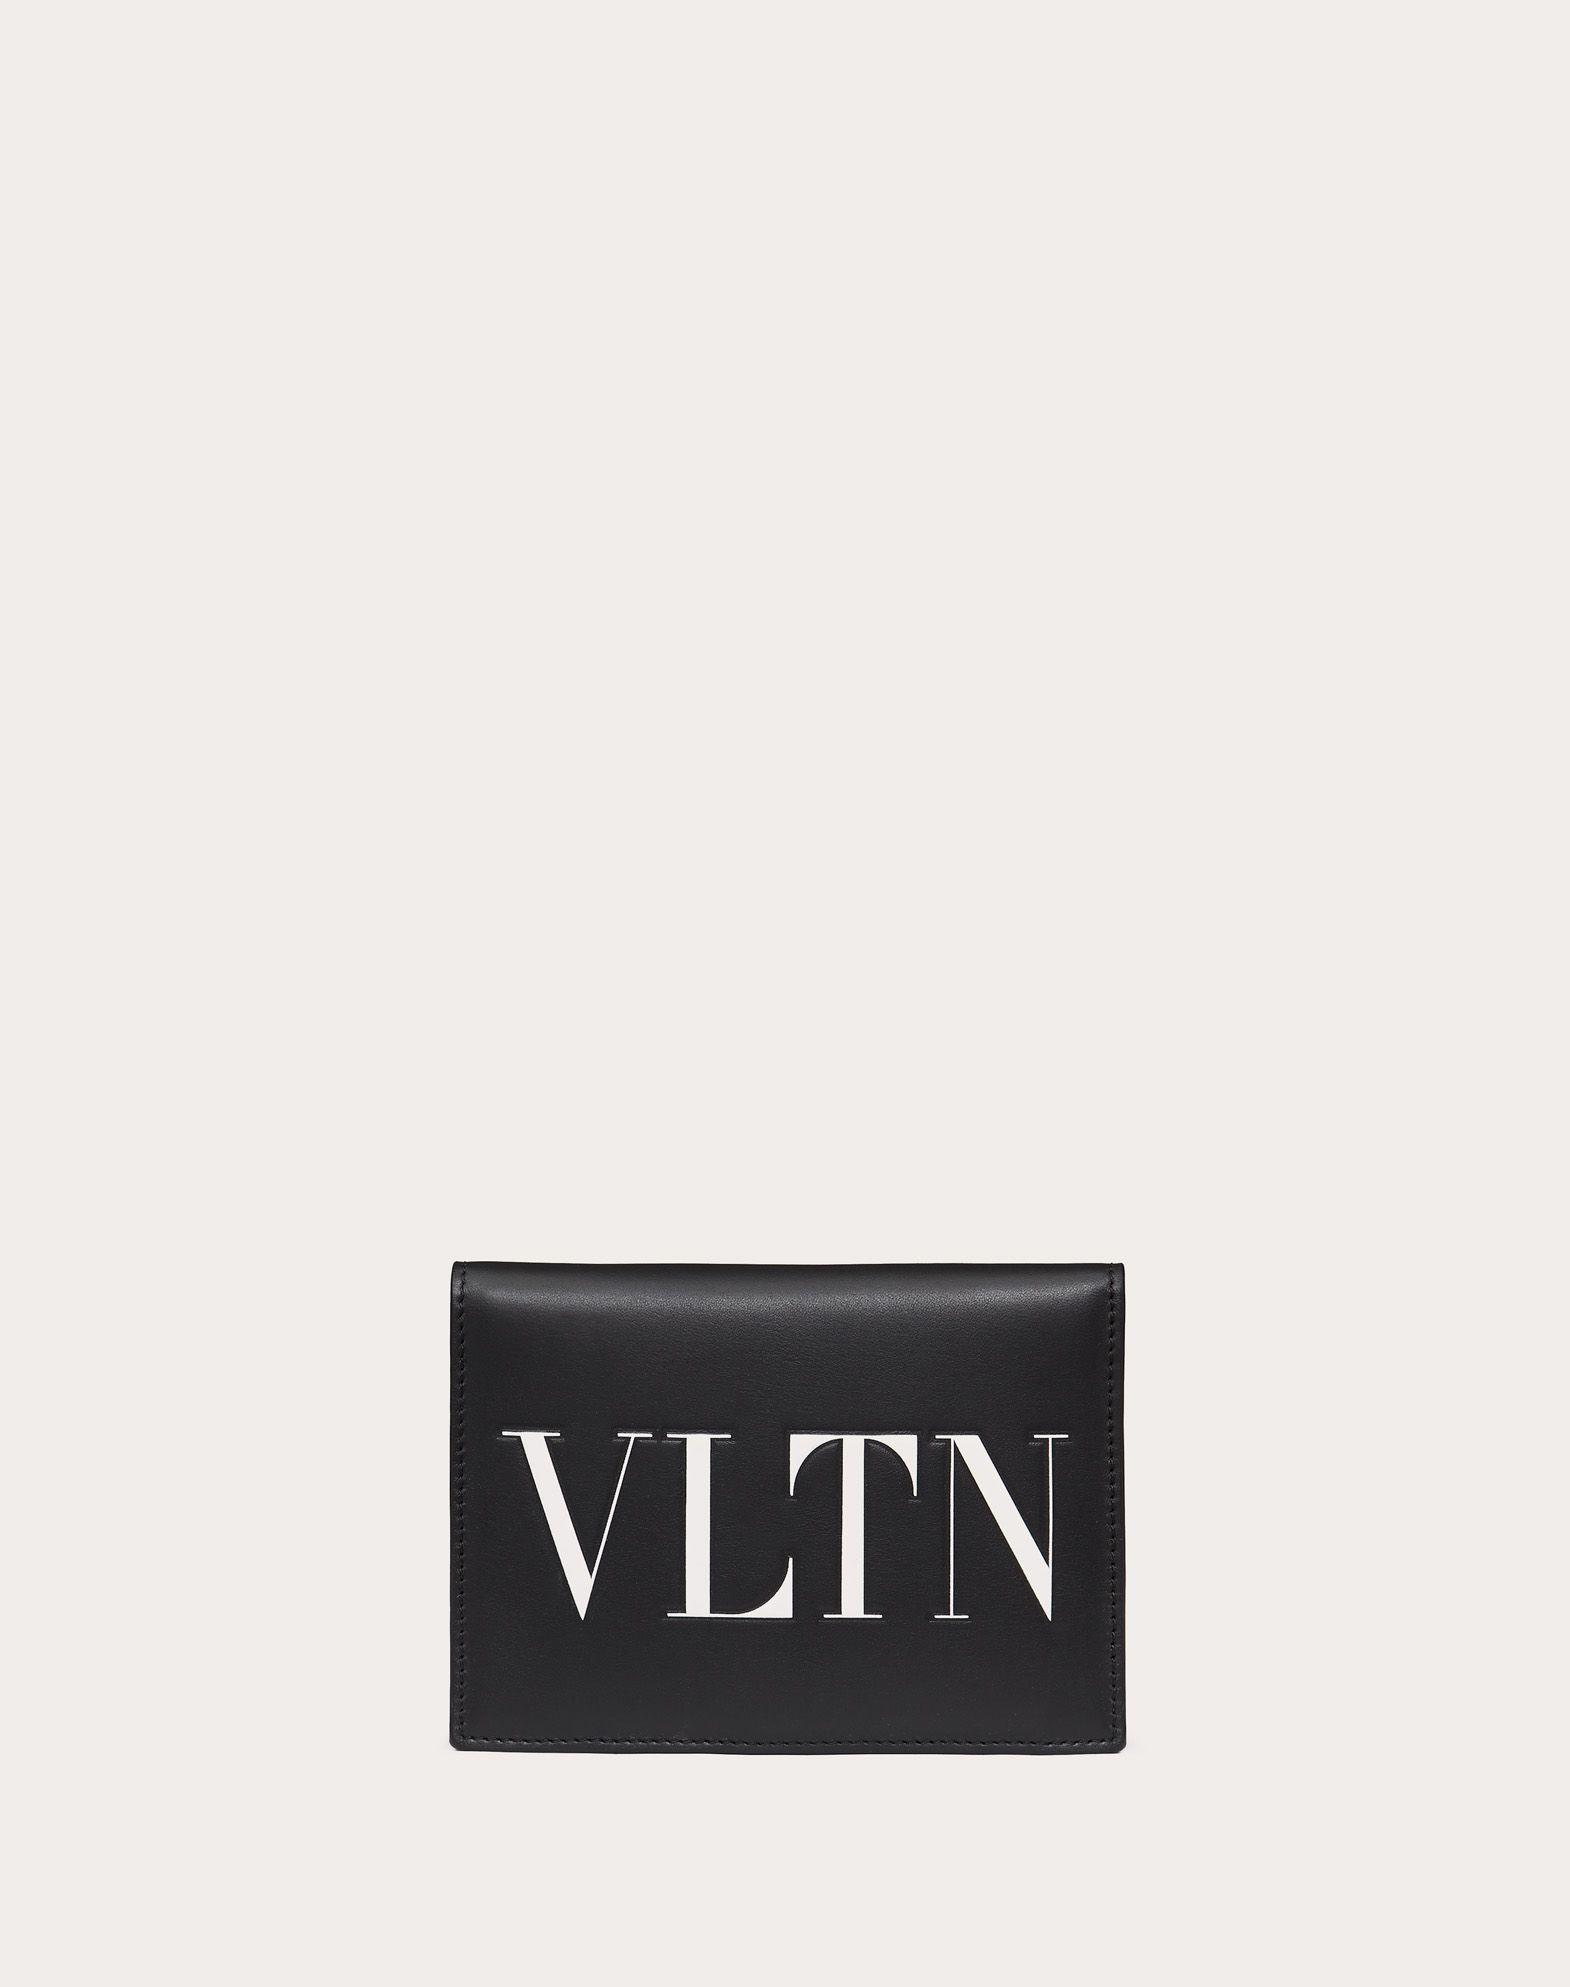 VLTN 护照保护套